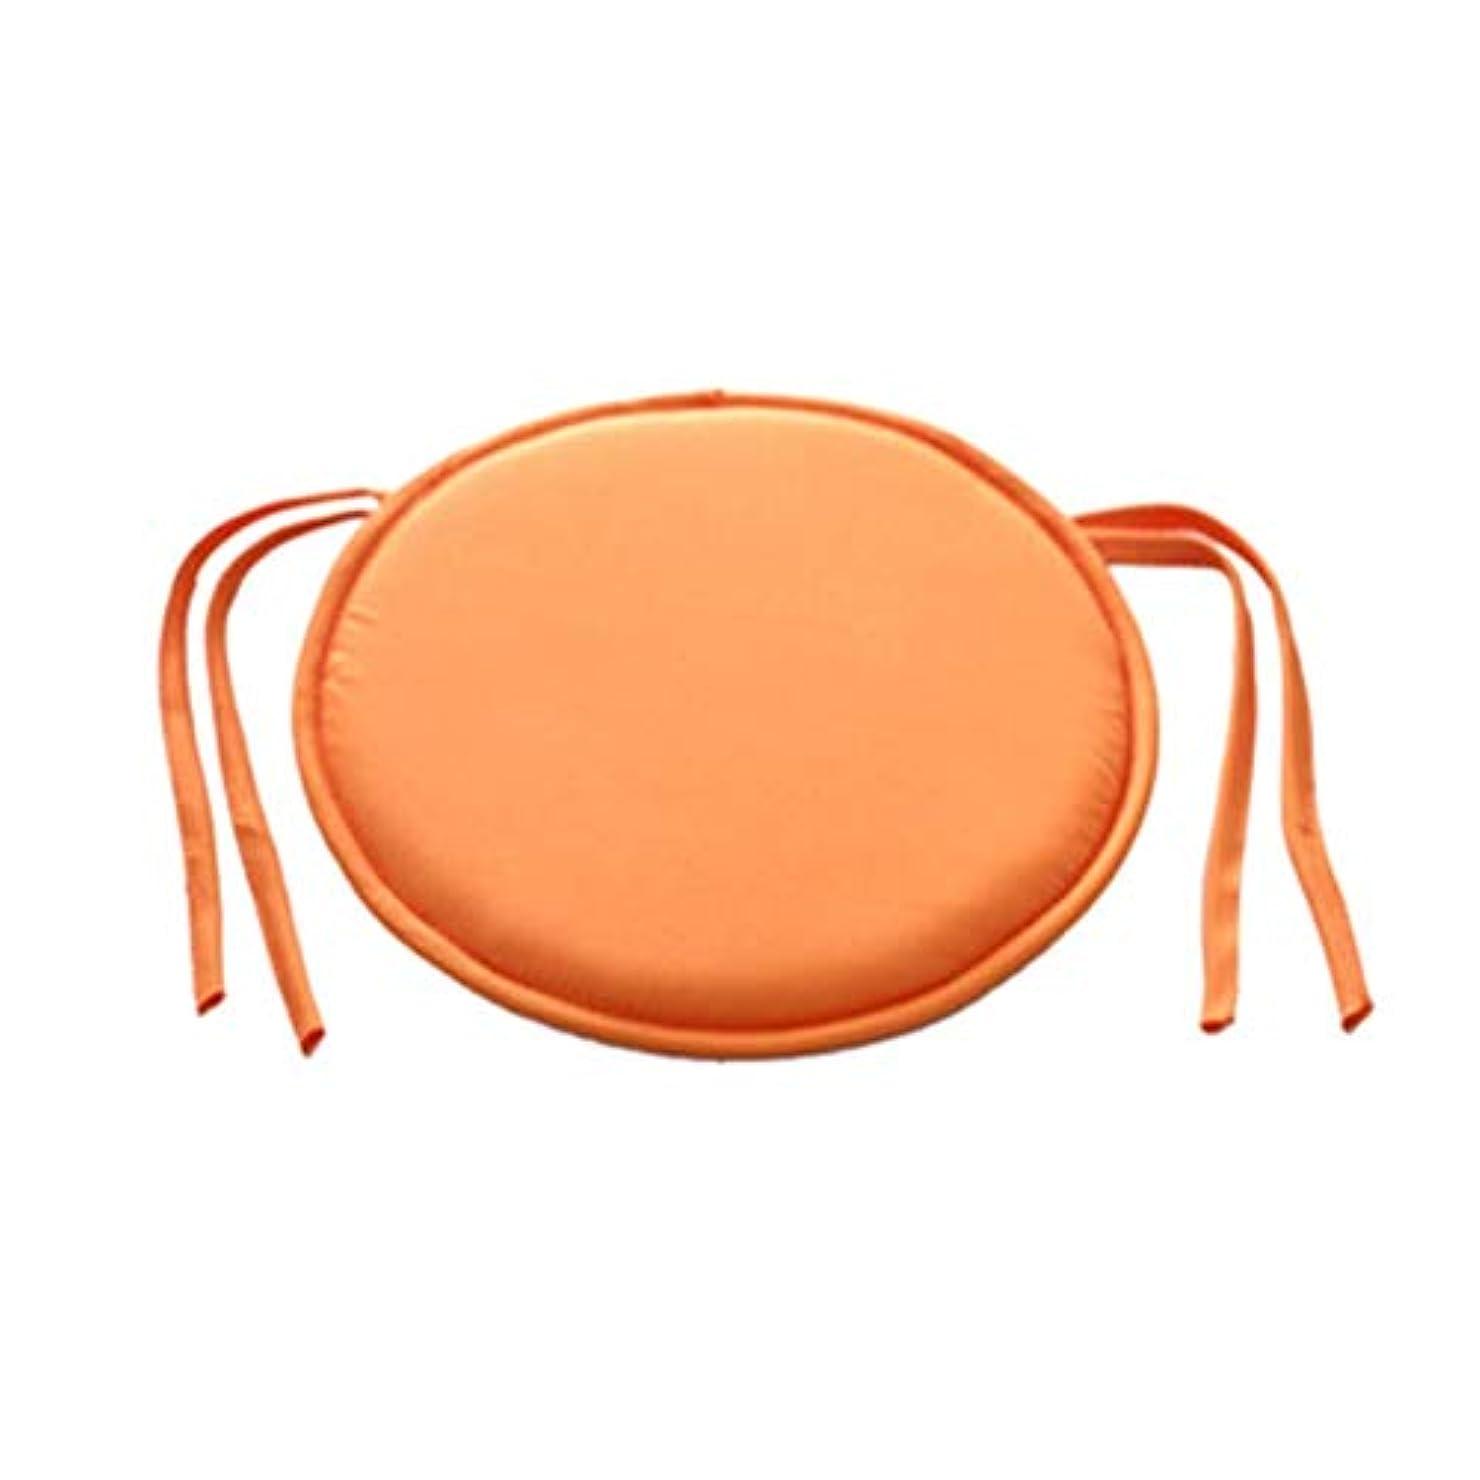 解任お茶緩やかなSMART ホット販売ラウンドチェアクッション屋内ポップパティオオフィスチェアシートパッドネクタイスクエアガーデンキッチンダイニングクッション クッション 椅子